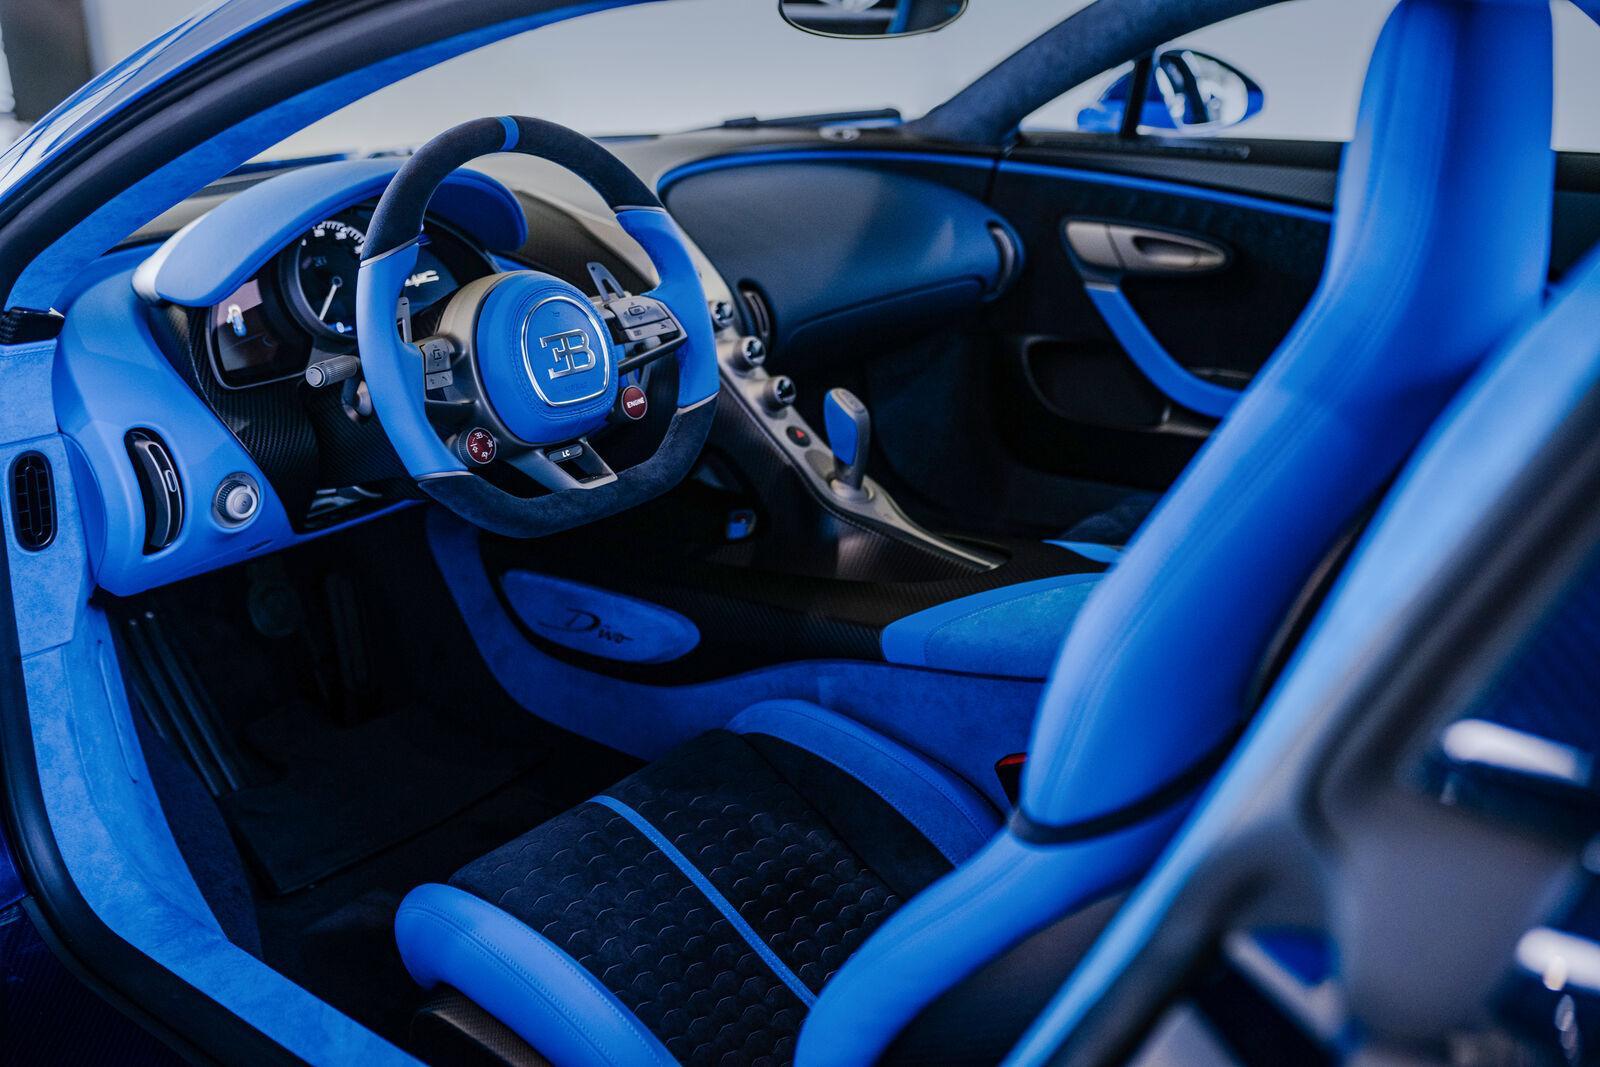 interieur laatste Bugatti Divo (blauw)